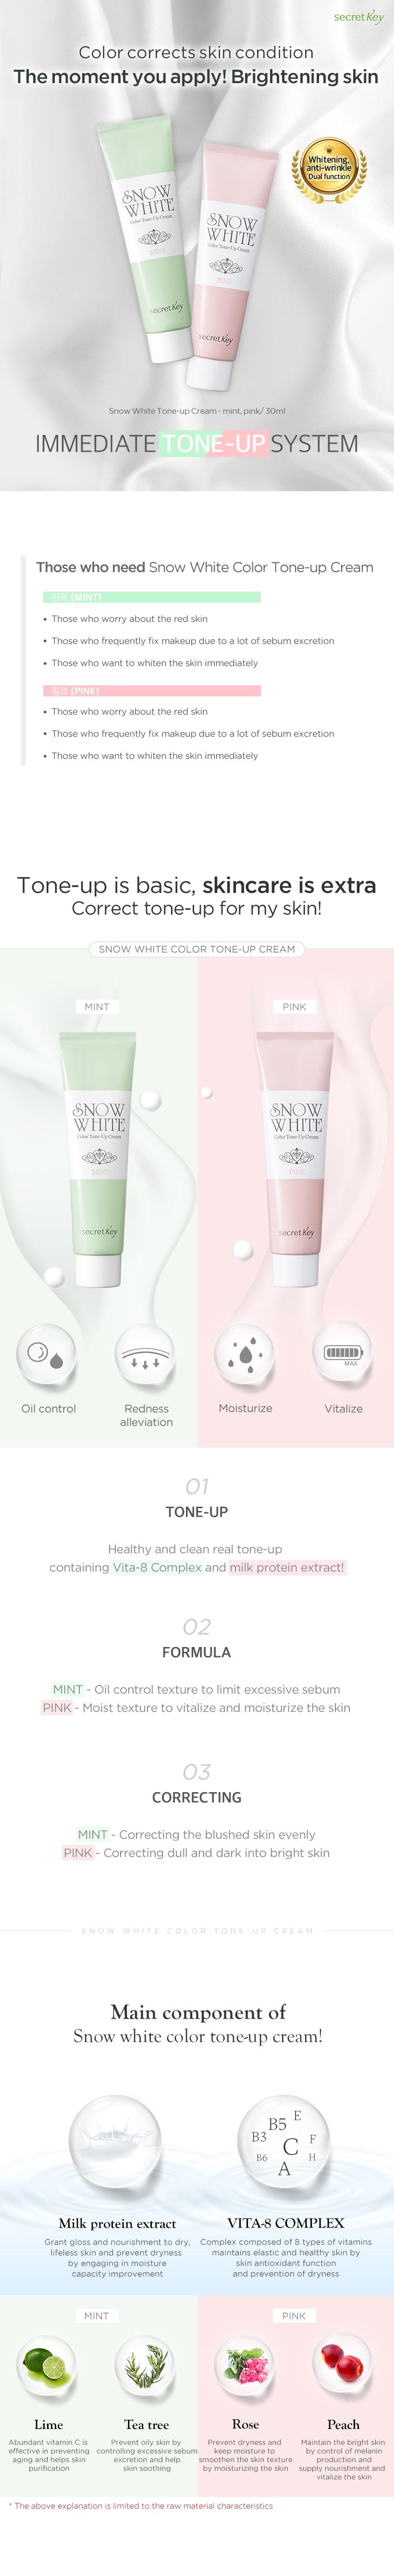 Snow White Color Tone Up Cream Secret Key Product Detail